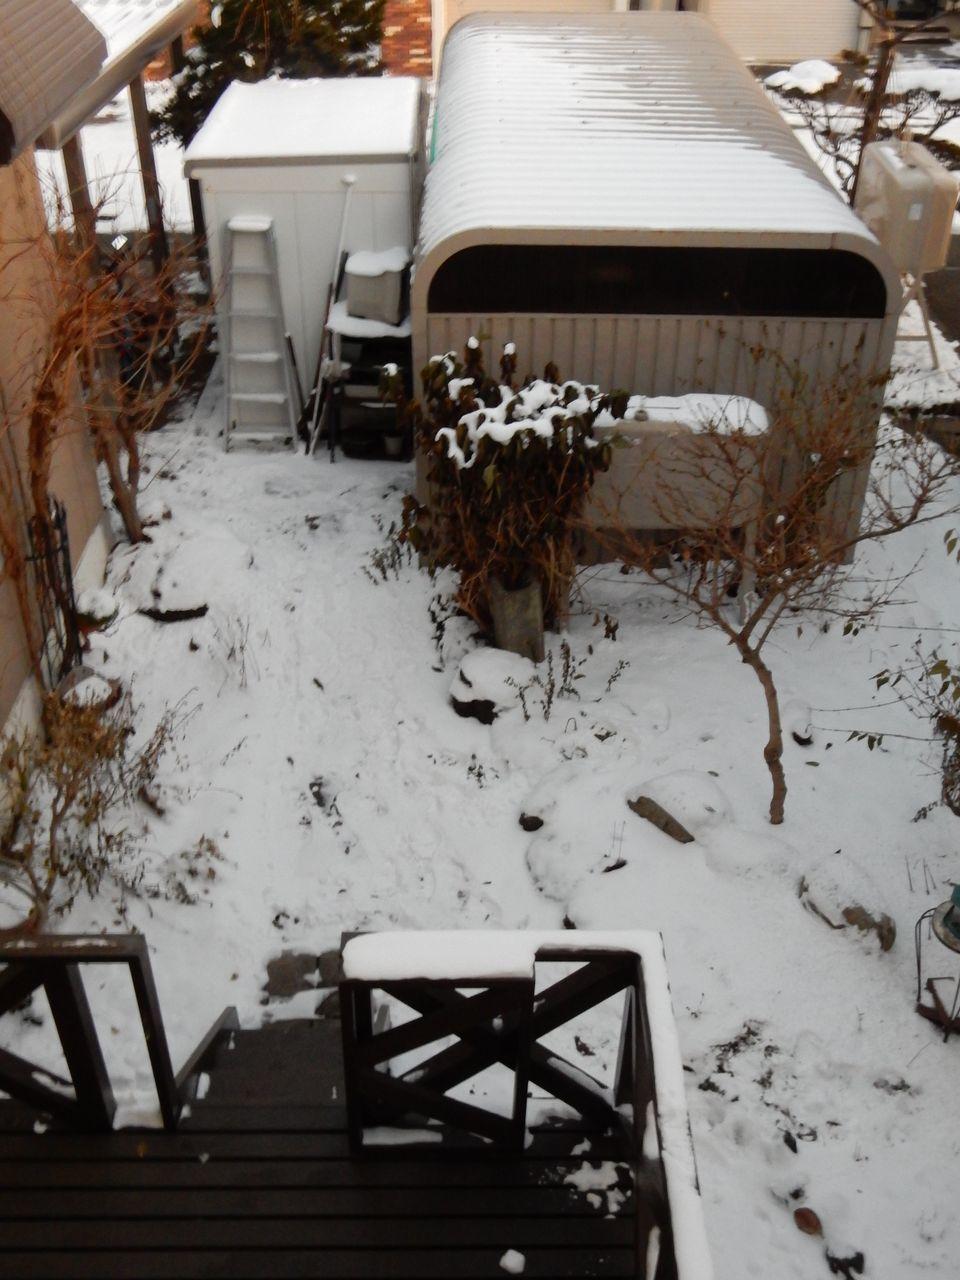 降らないのに雪も消えない_c0025115_21442972.jpg